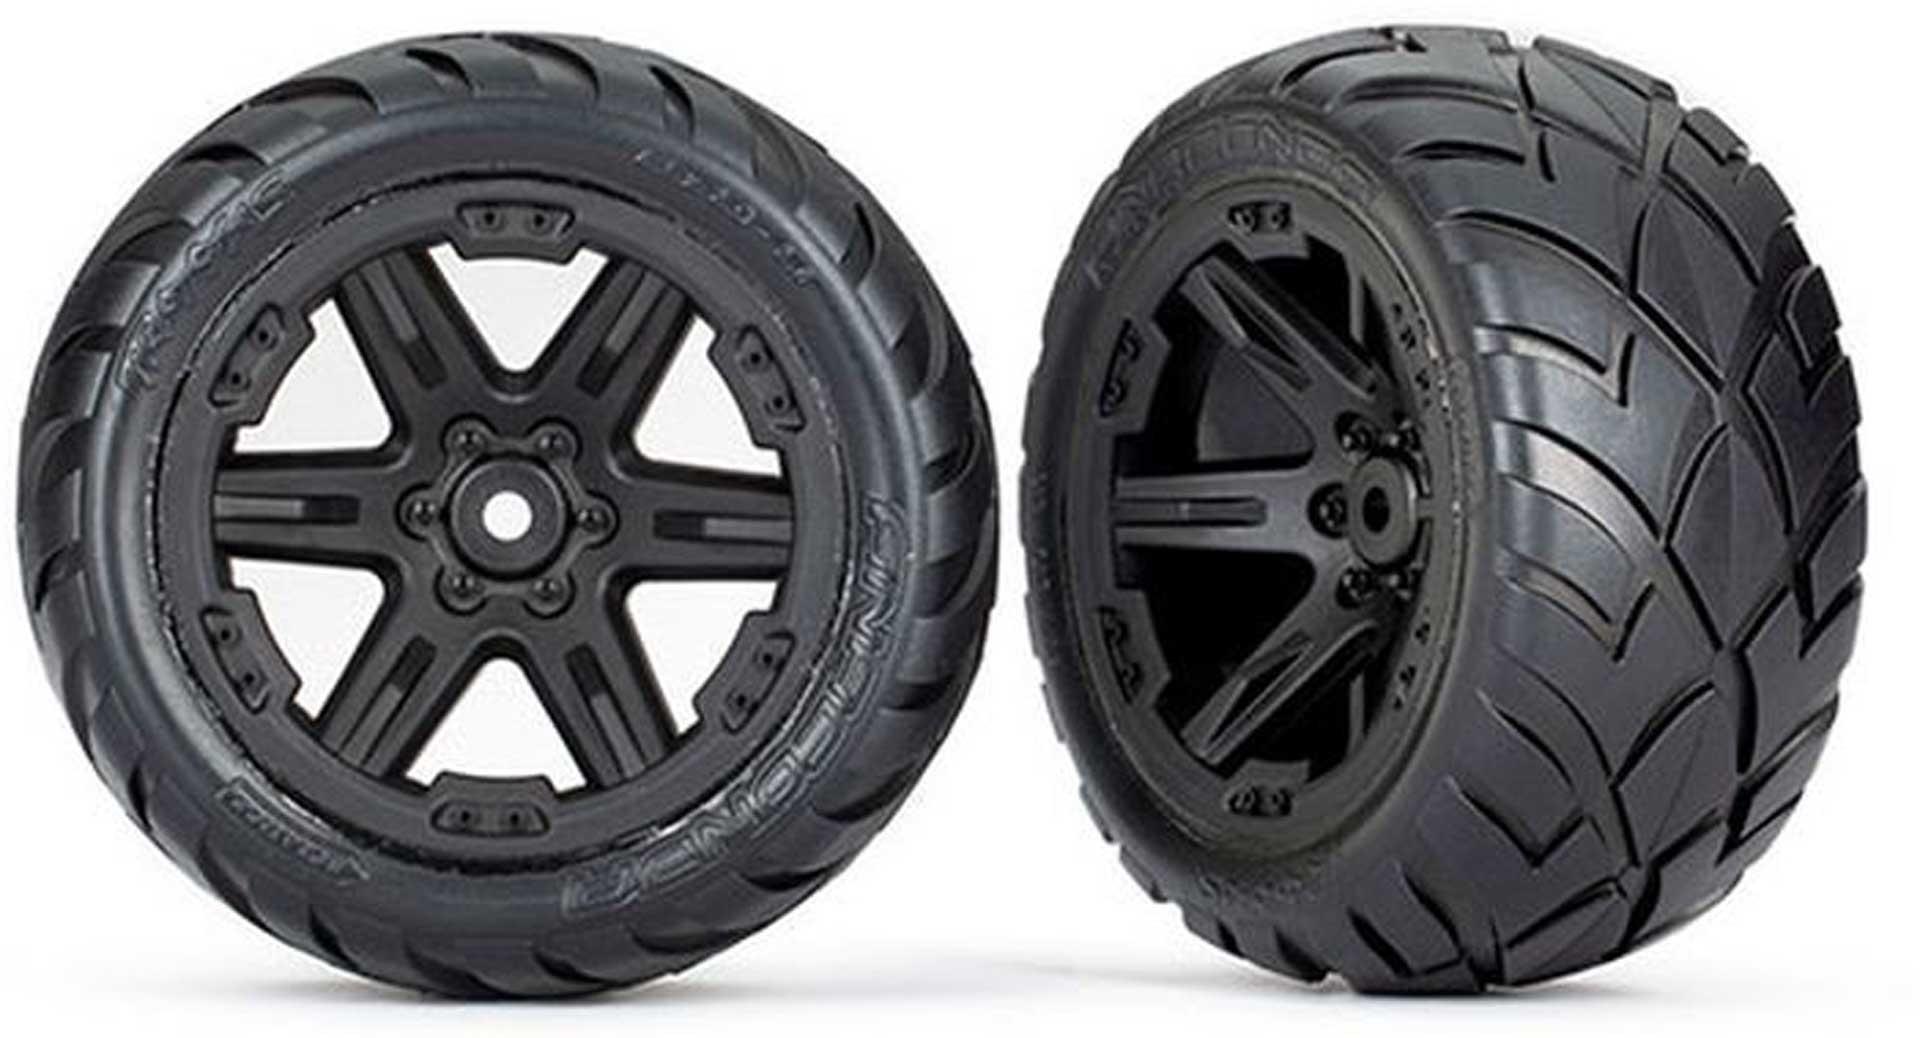 TRAXXAS REIFEN AUF FELGE 2.8 RXT SCHWARZ / ANACONDA (TSM RATED) TRAXXAS 2WD H